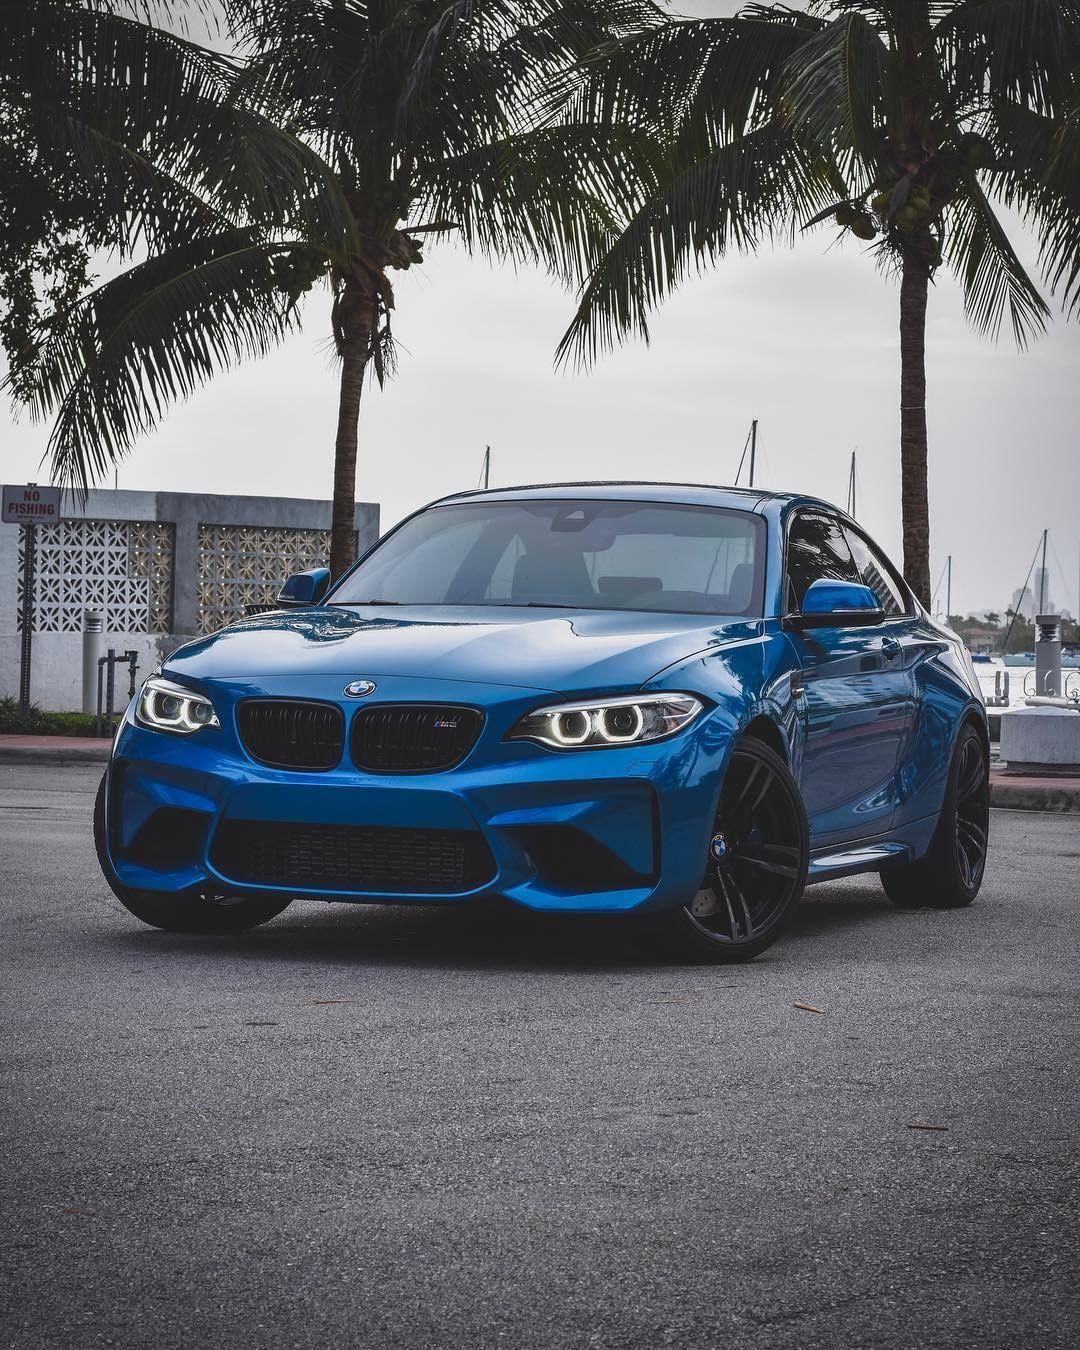 Bmw M2 Sport: BMW M GmbH (@bmwm) On Instagram